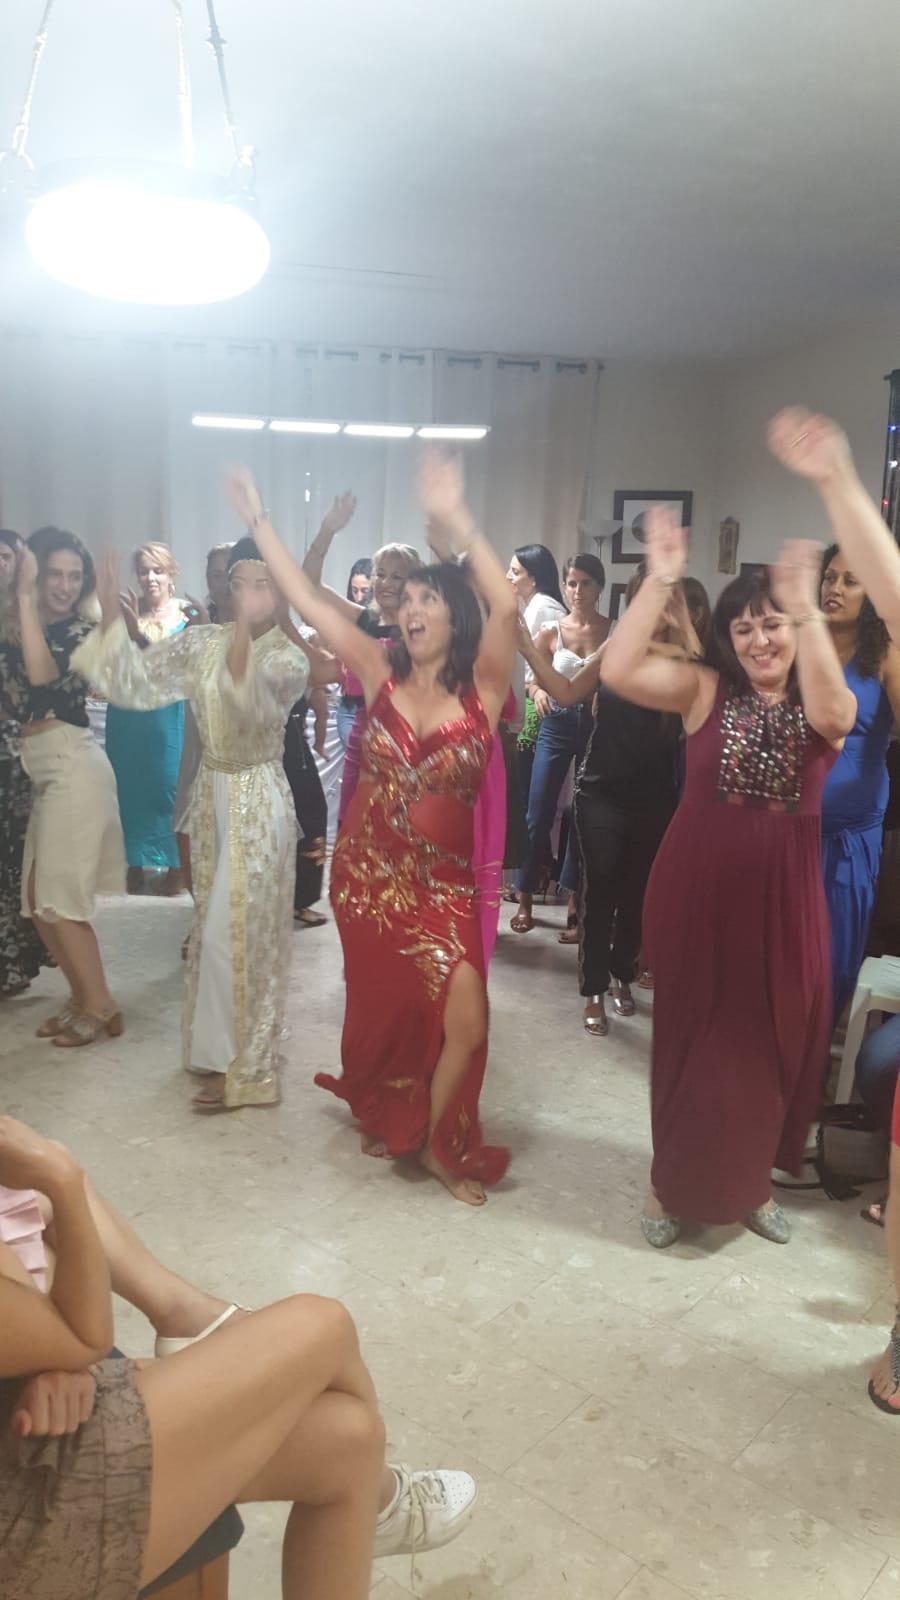 רוקדות בערב מקווה עם מיה טולדנו